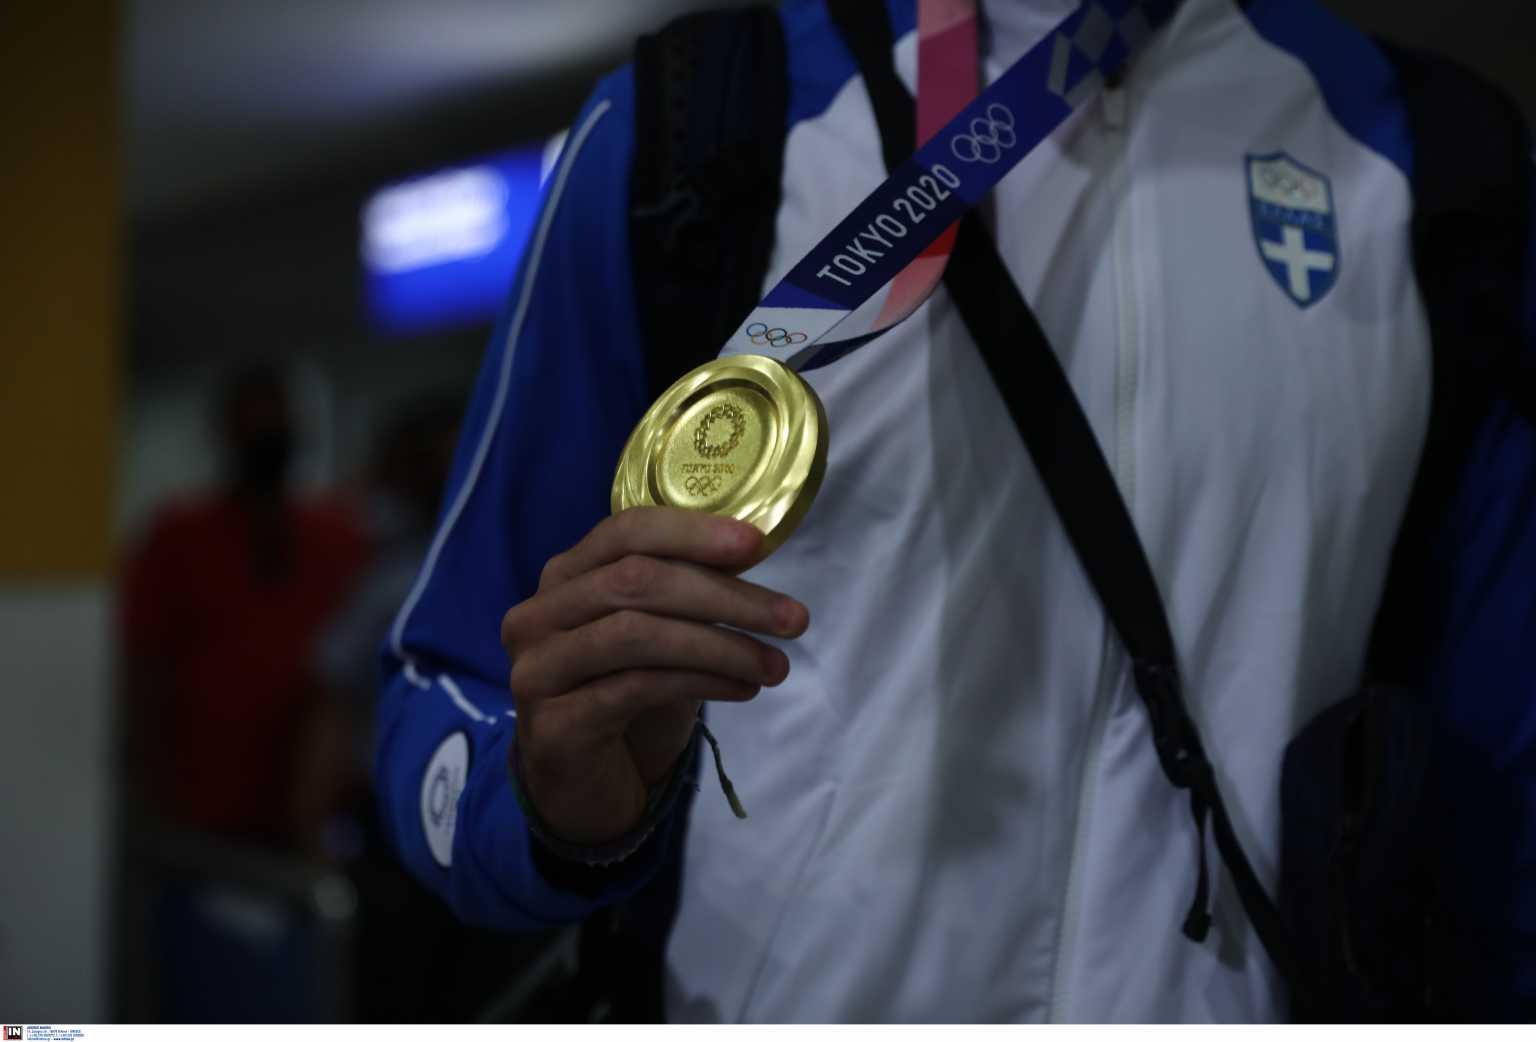 Ολυμπιακοί Αγώνες: Αναβολή στη βράβευση των Ελλήνων Ολυμπιονικών προς τιμήν της Φώφης Γεννηματά